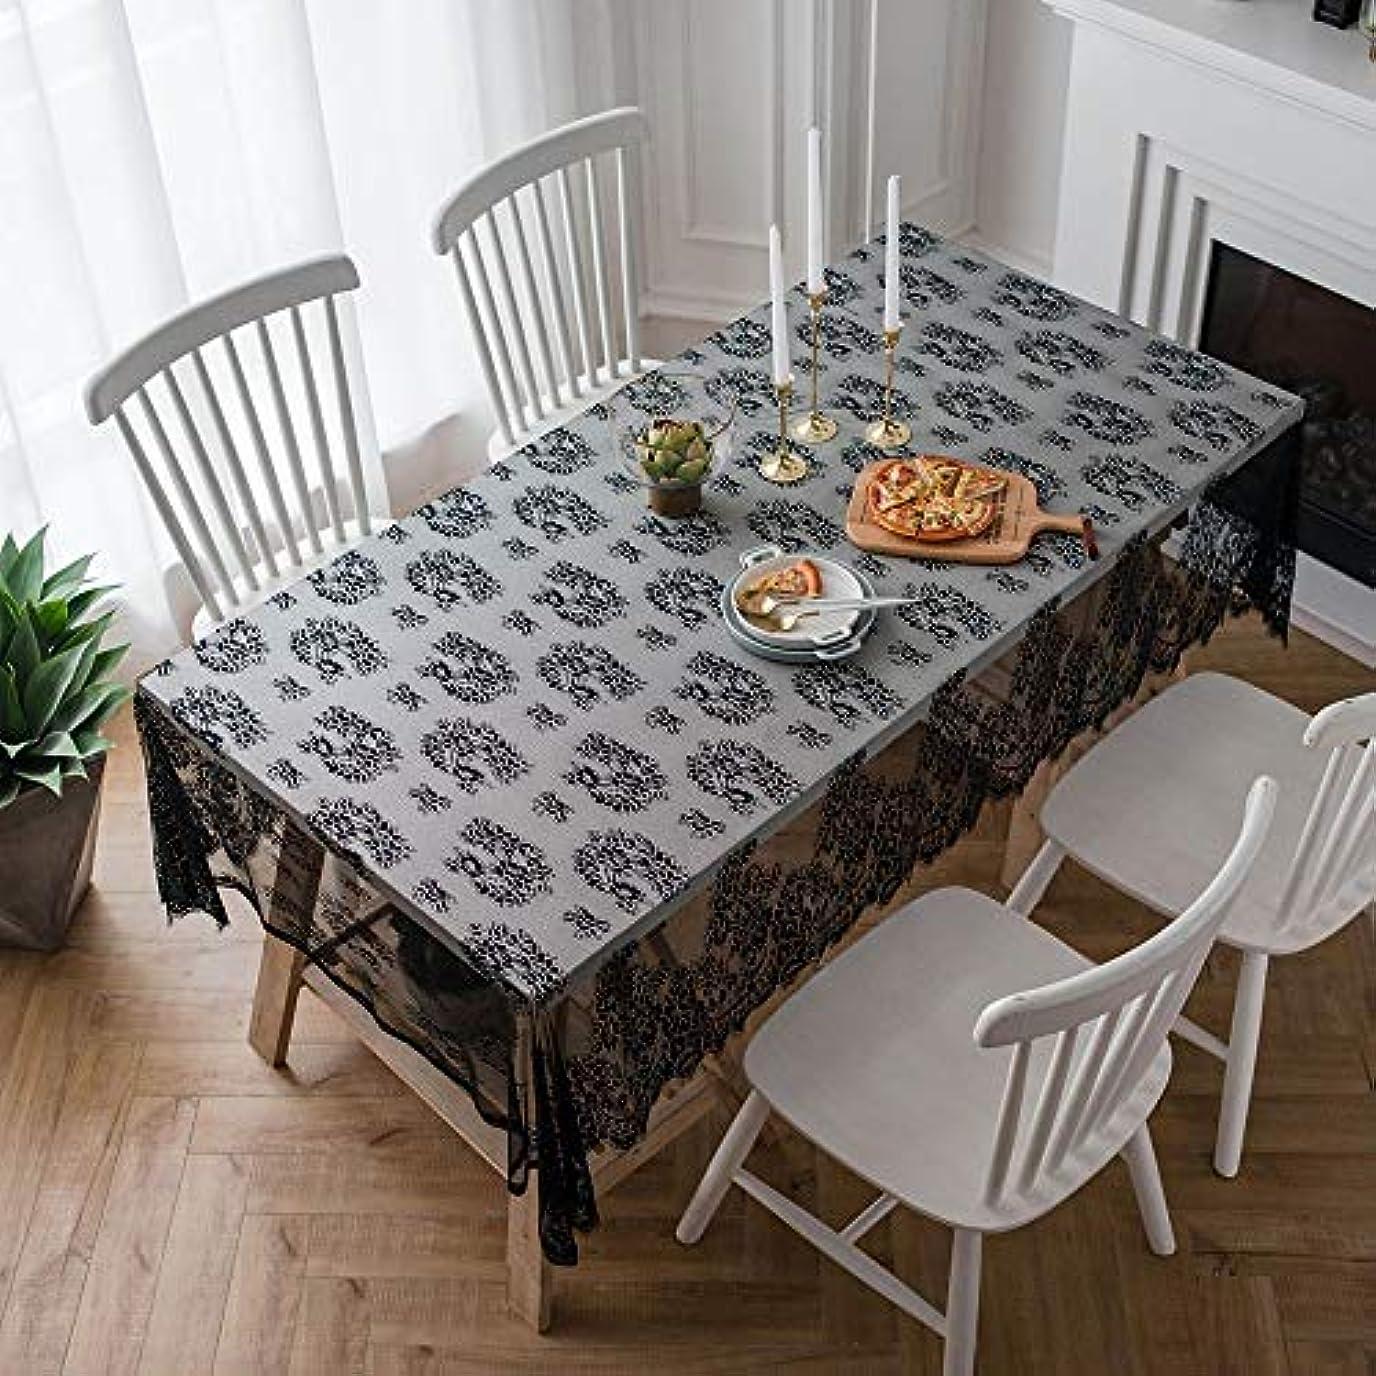 抑圧改修ニンニクテーブルクロス 黒、白カバー布ナプキンコーヒーテーブルまつげカフェ帳テーブルクロスアメリカンカントリーレースのテーブルクロス (Color : Black, Size : 70*145)